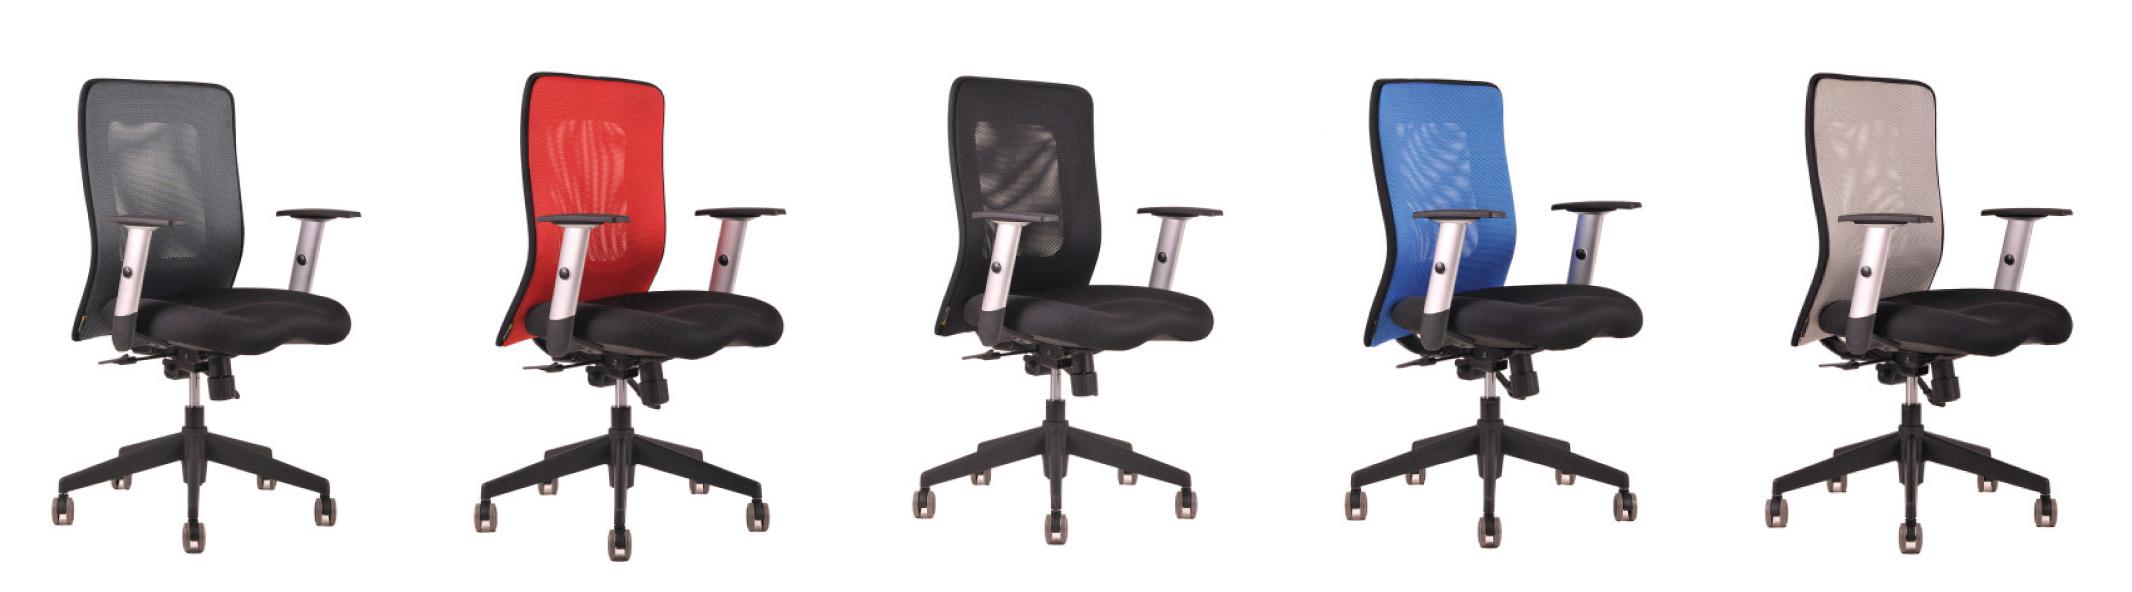 ergonomicka-kancelarska-stolicka-officepro-calypso-vsetky-farby